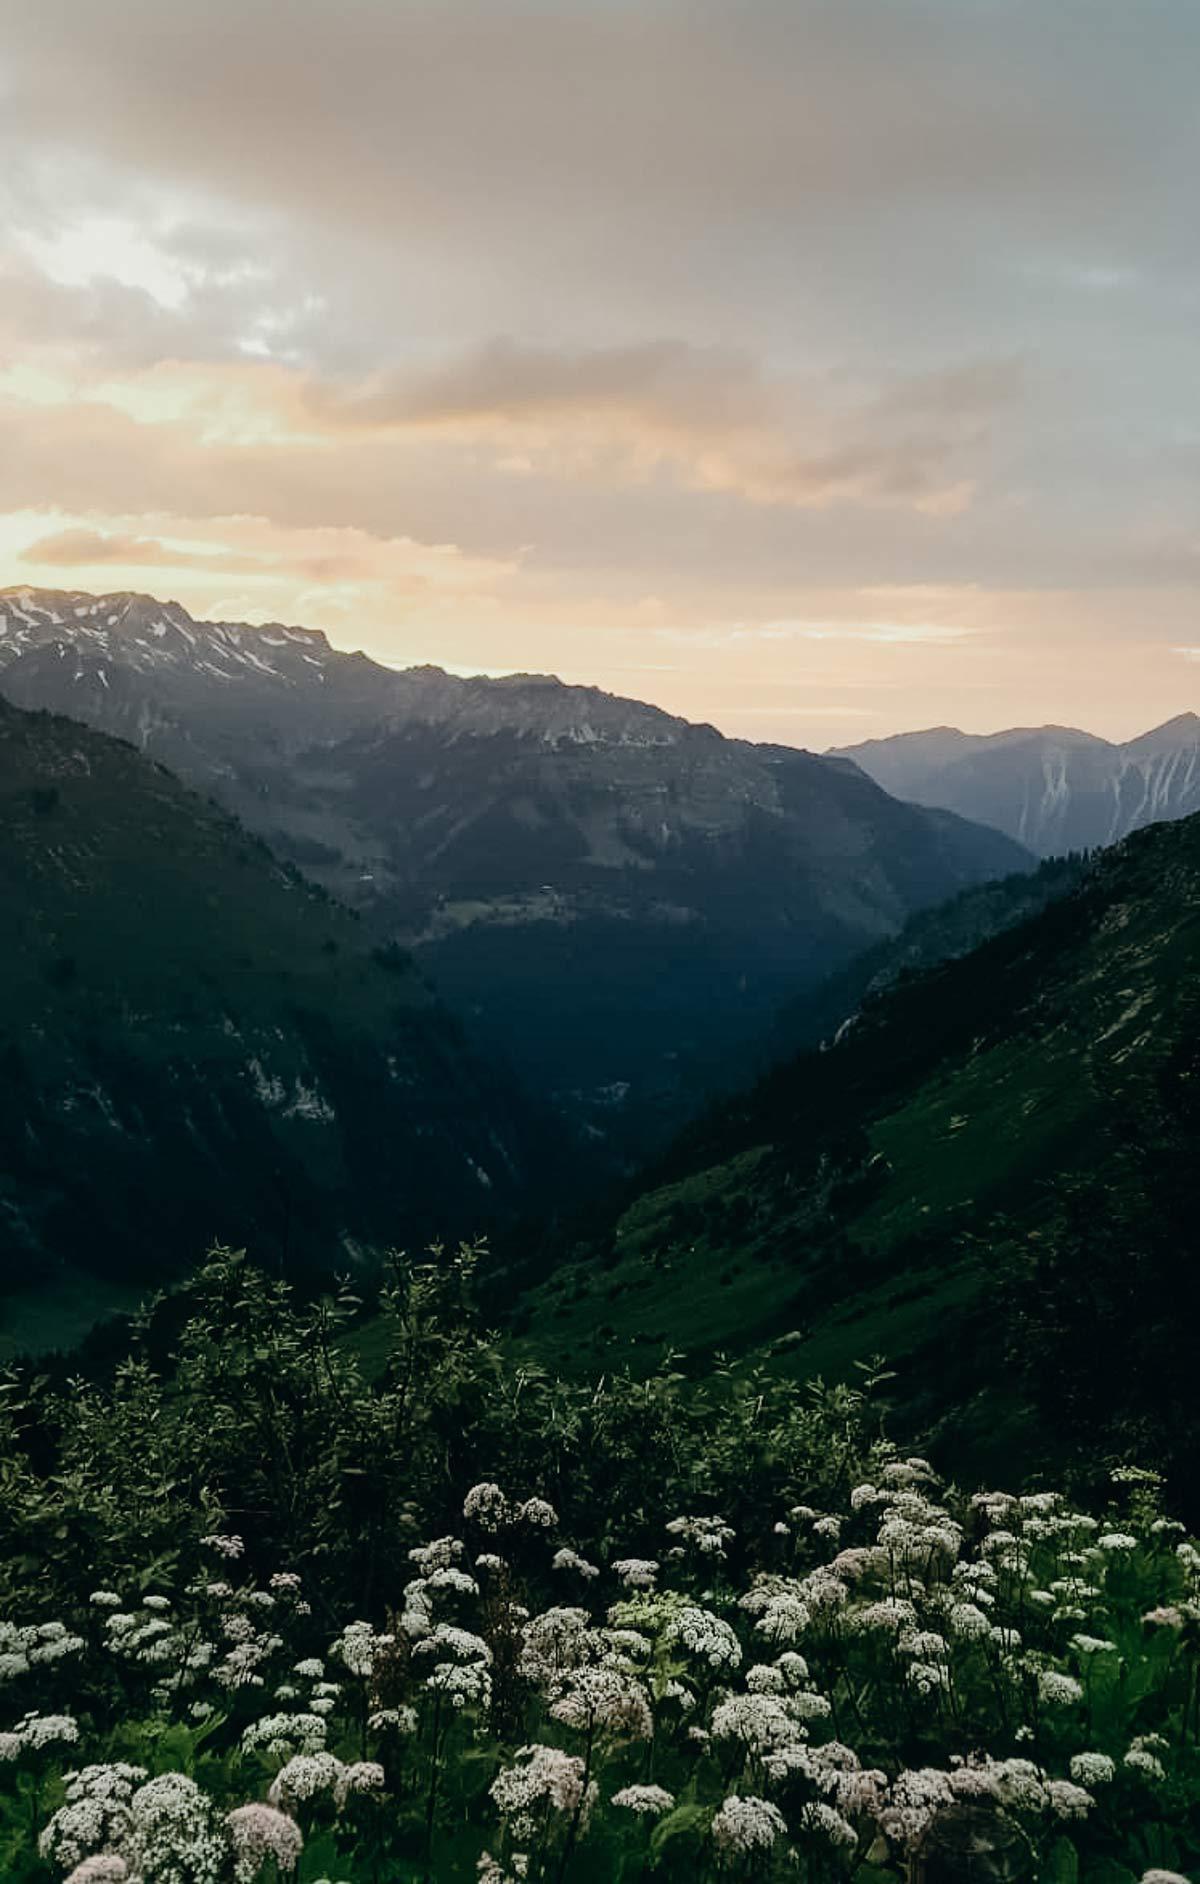 Sonnenuntergang im Allgaeu